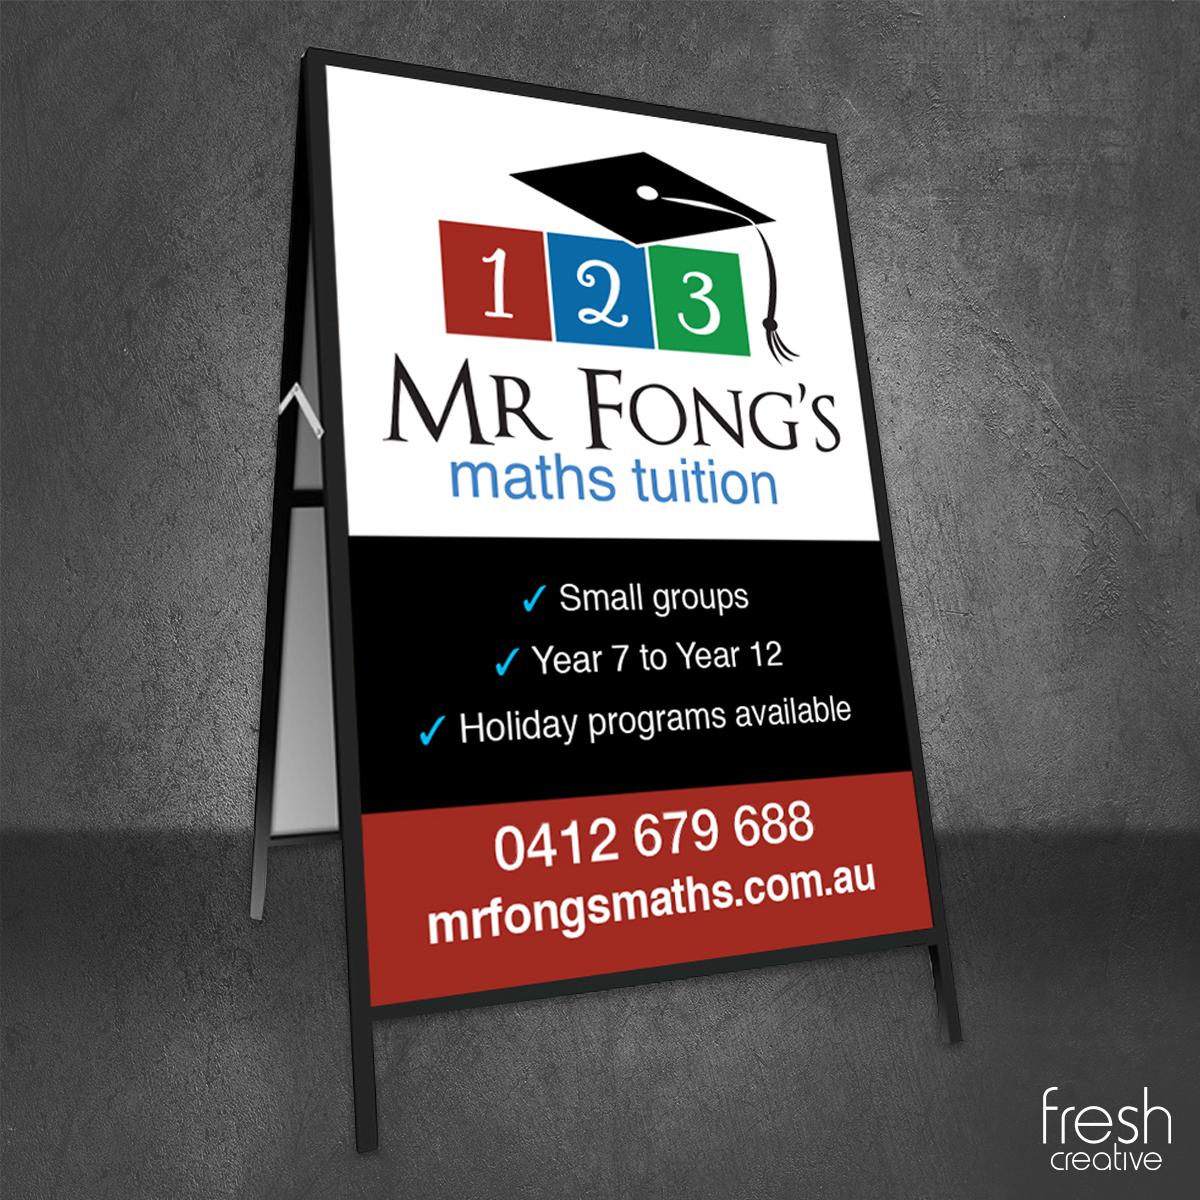 Mr Fong's A-Frame Signage Canberra